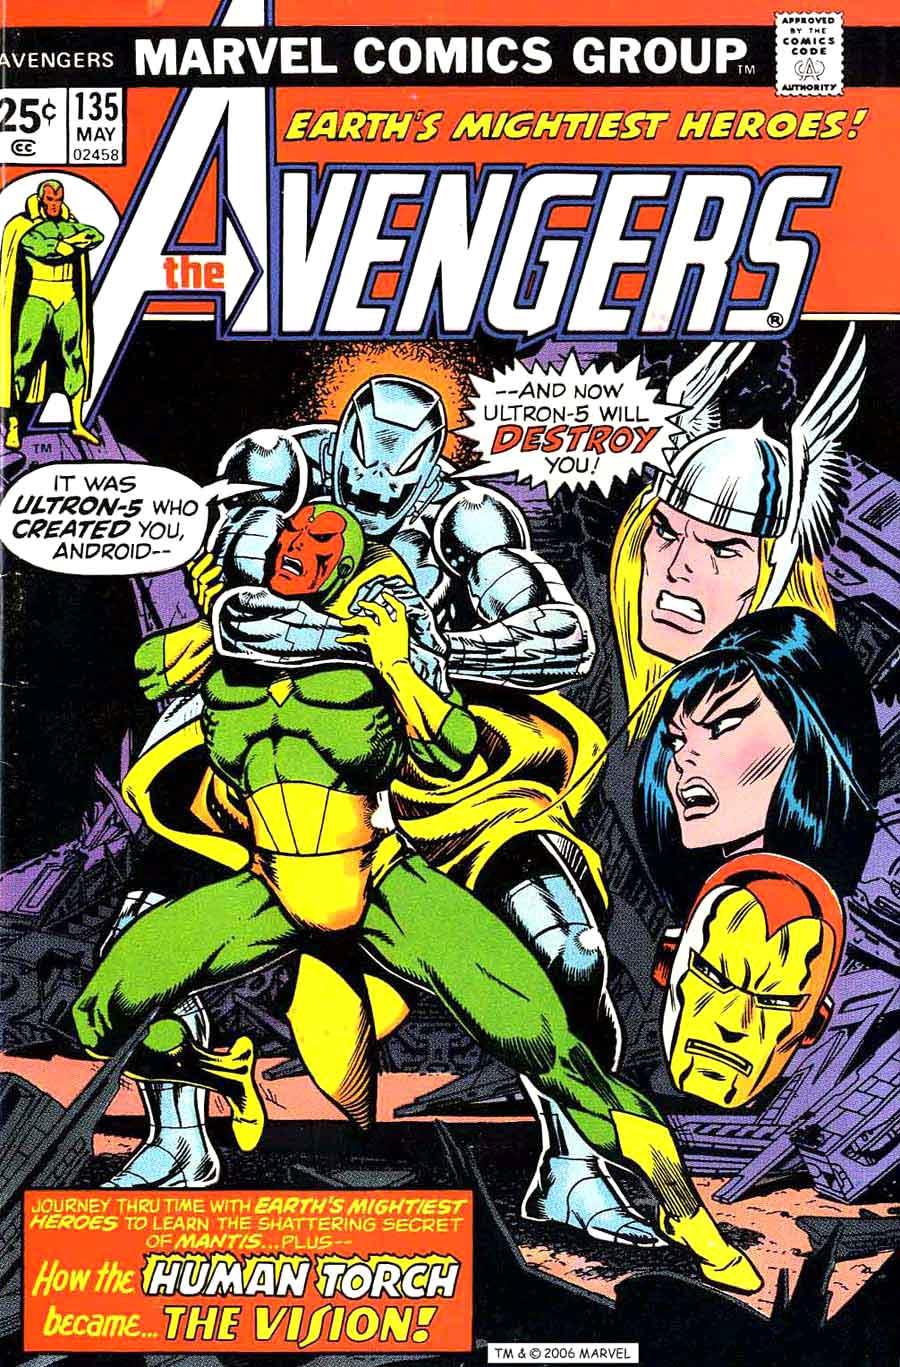 Avengers V1 135 Marvel Comic Book Cover Art By Jim Starlin